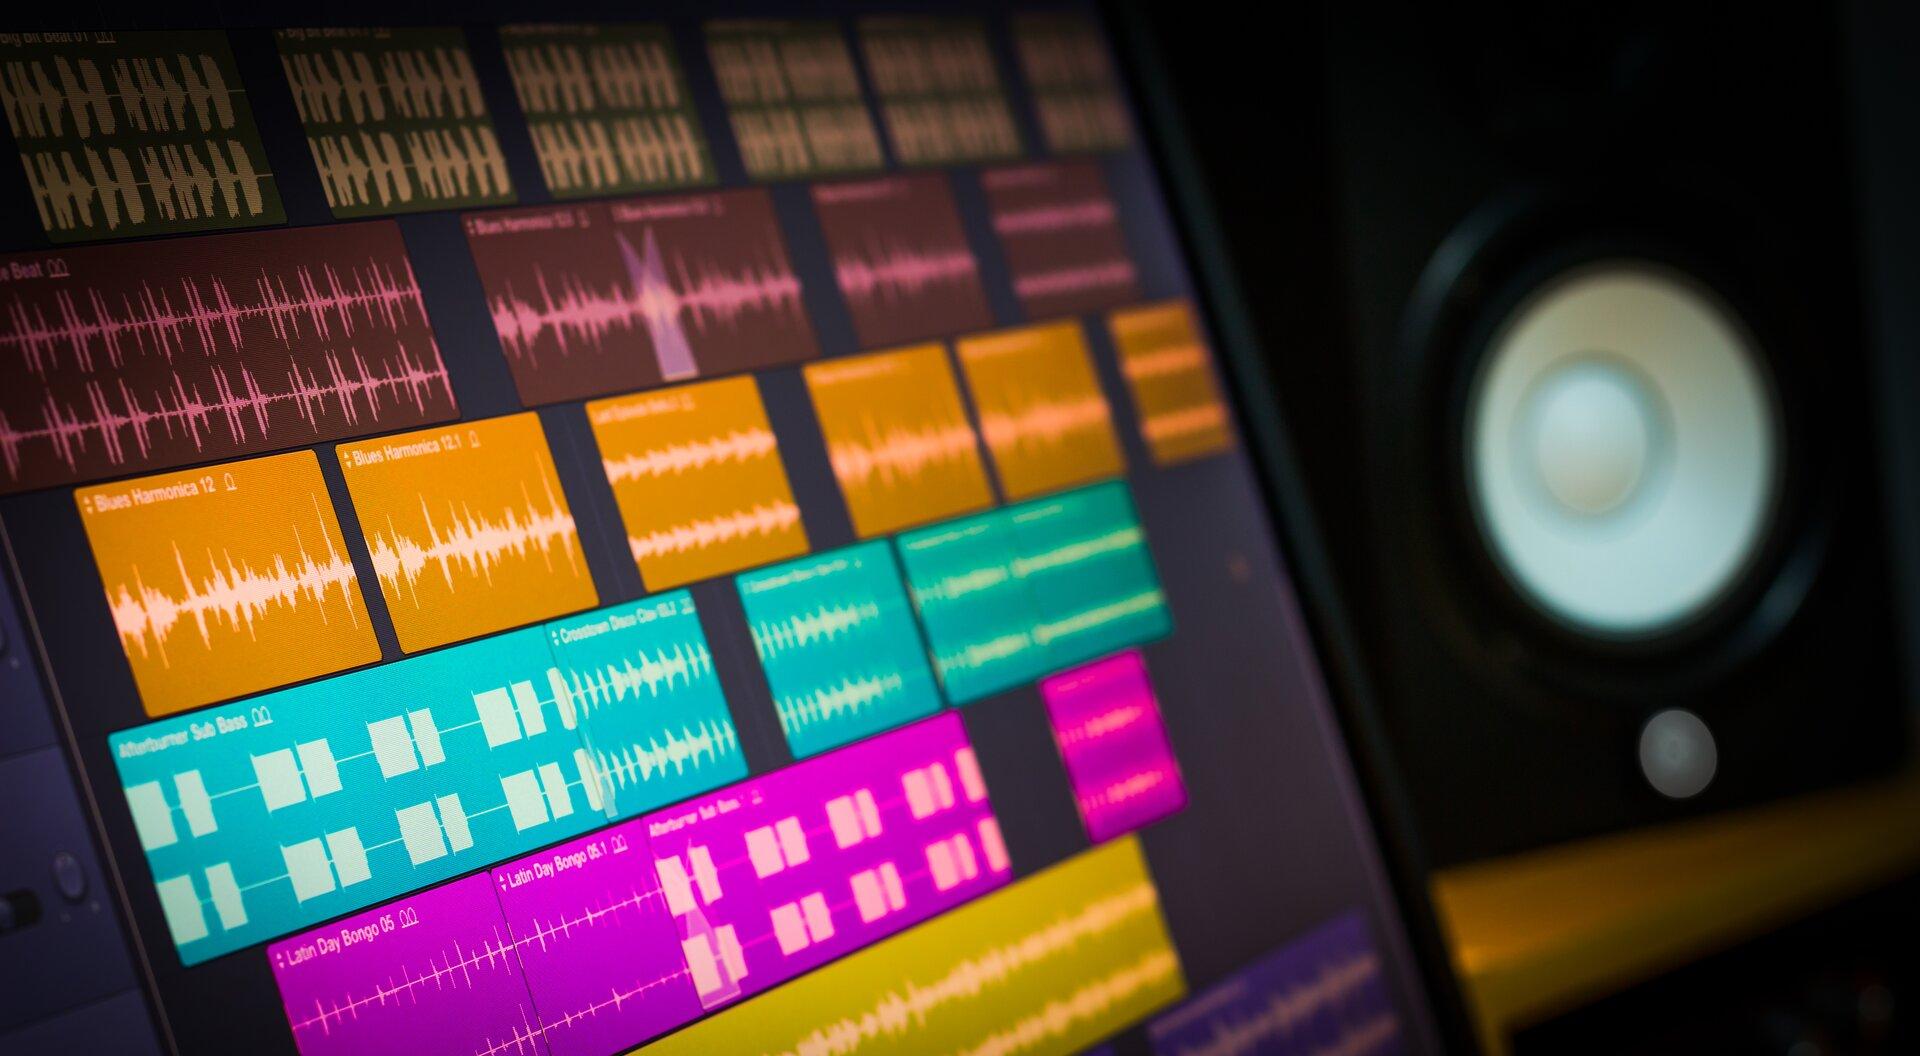 Ilustracja przedstawia ścieżki dźwiękowe na ekranie komputera.